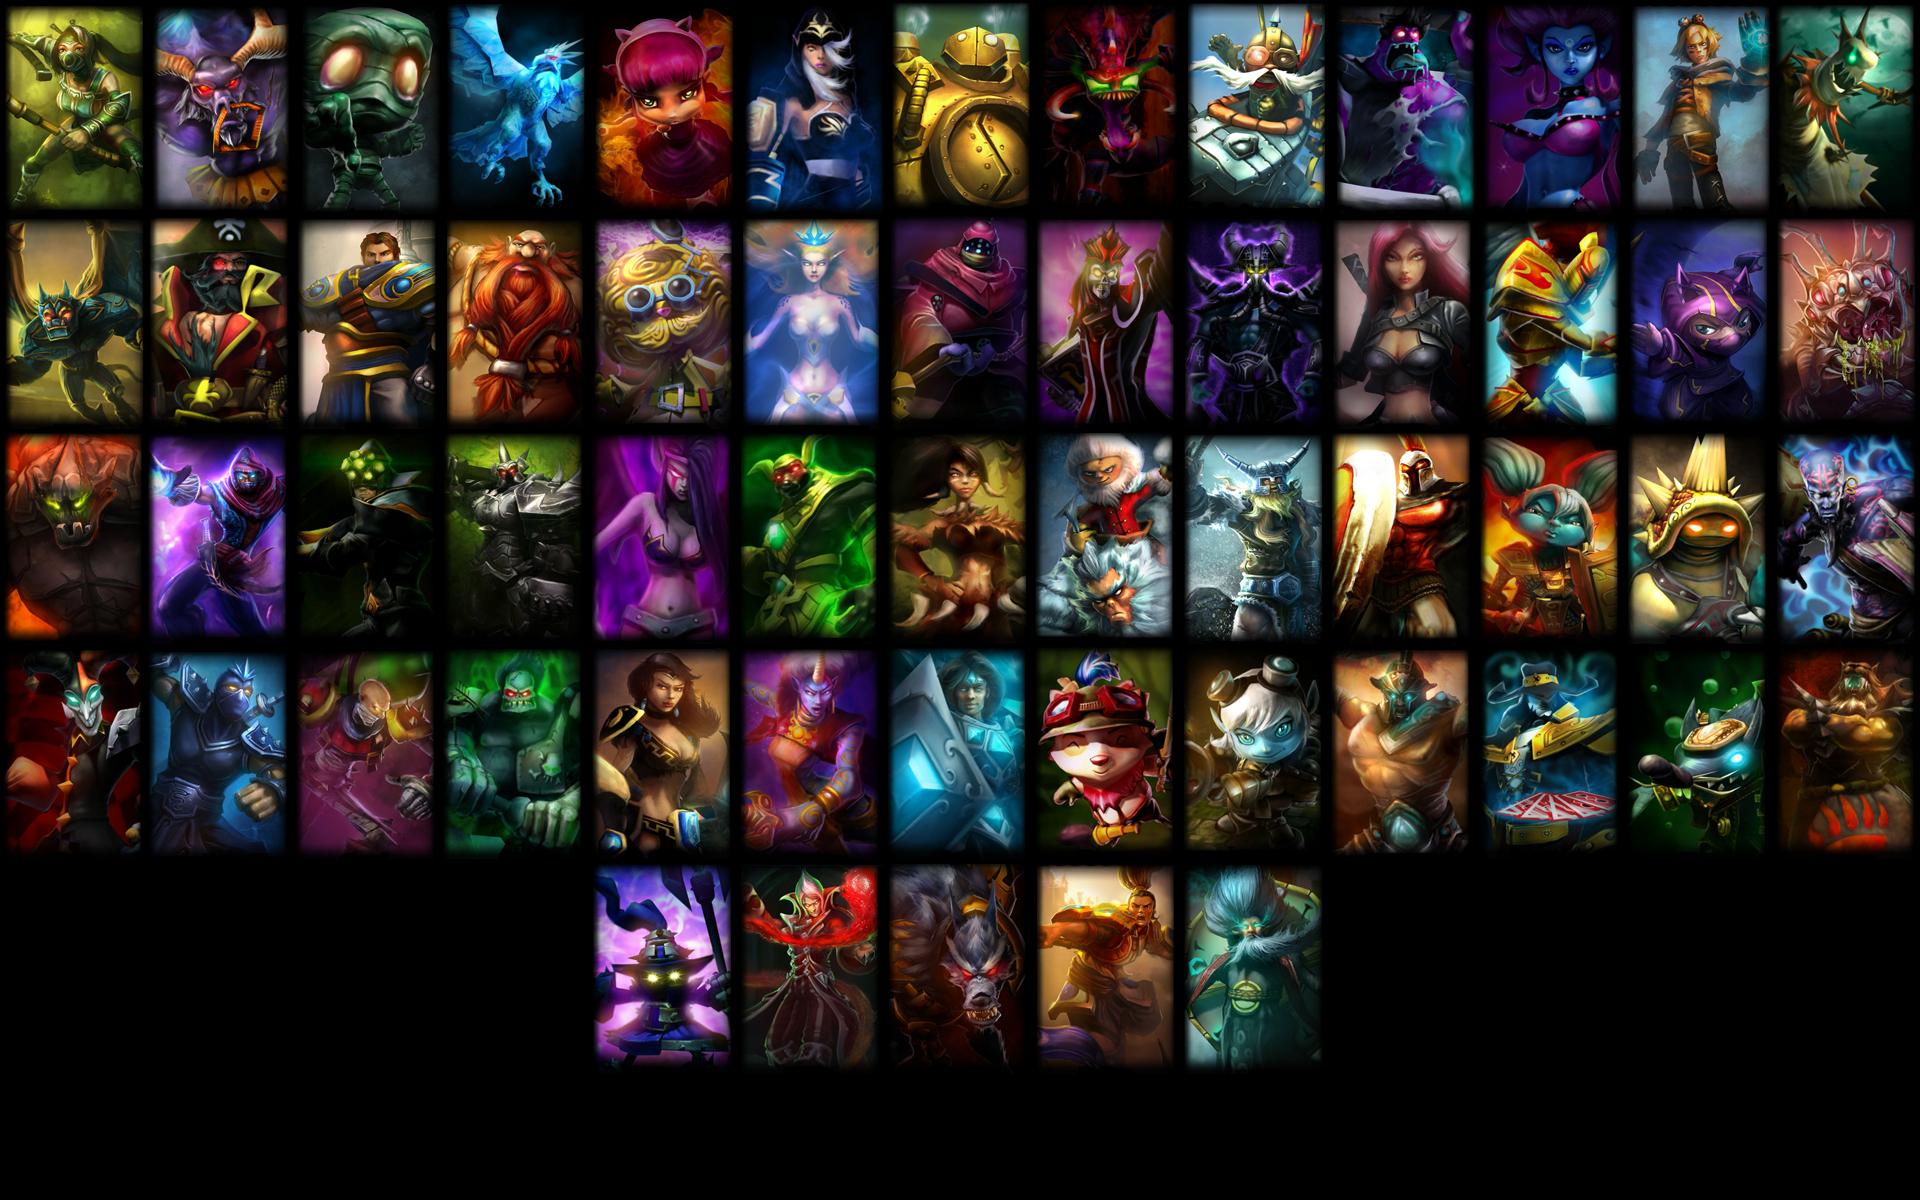 League of Legends Wallpaper by 9warbane